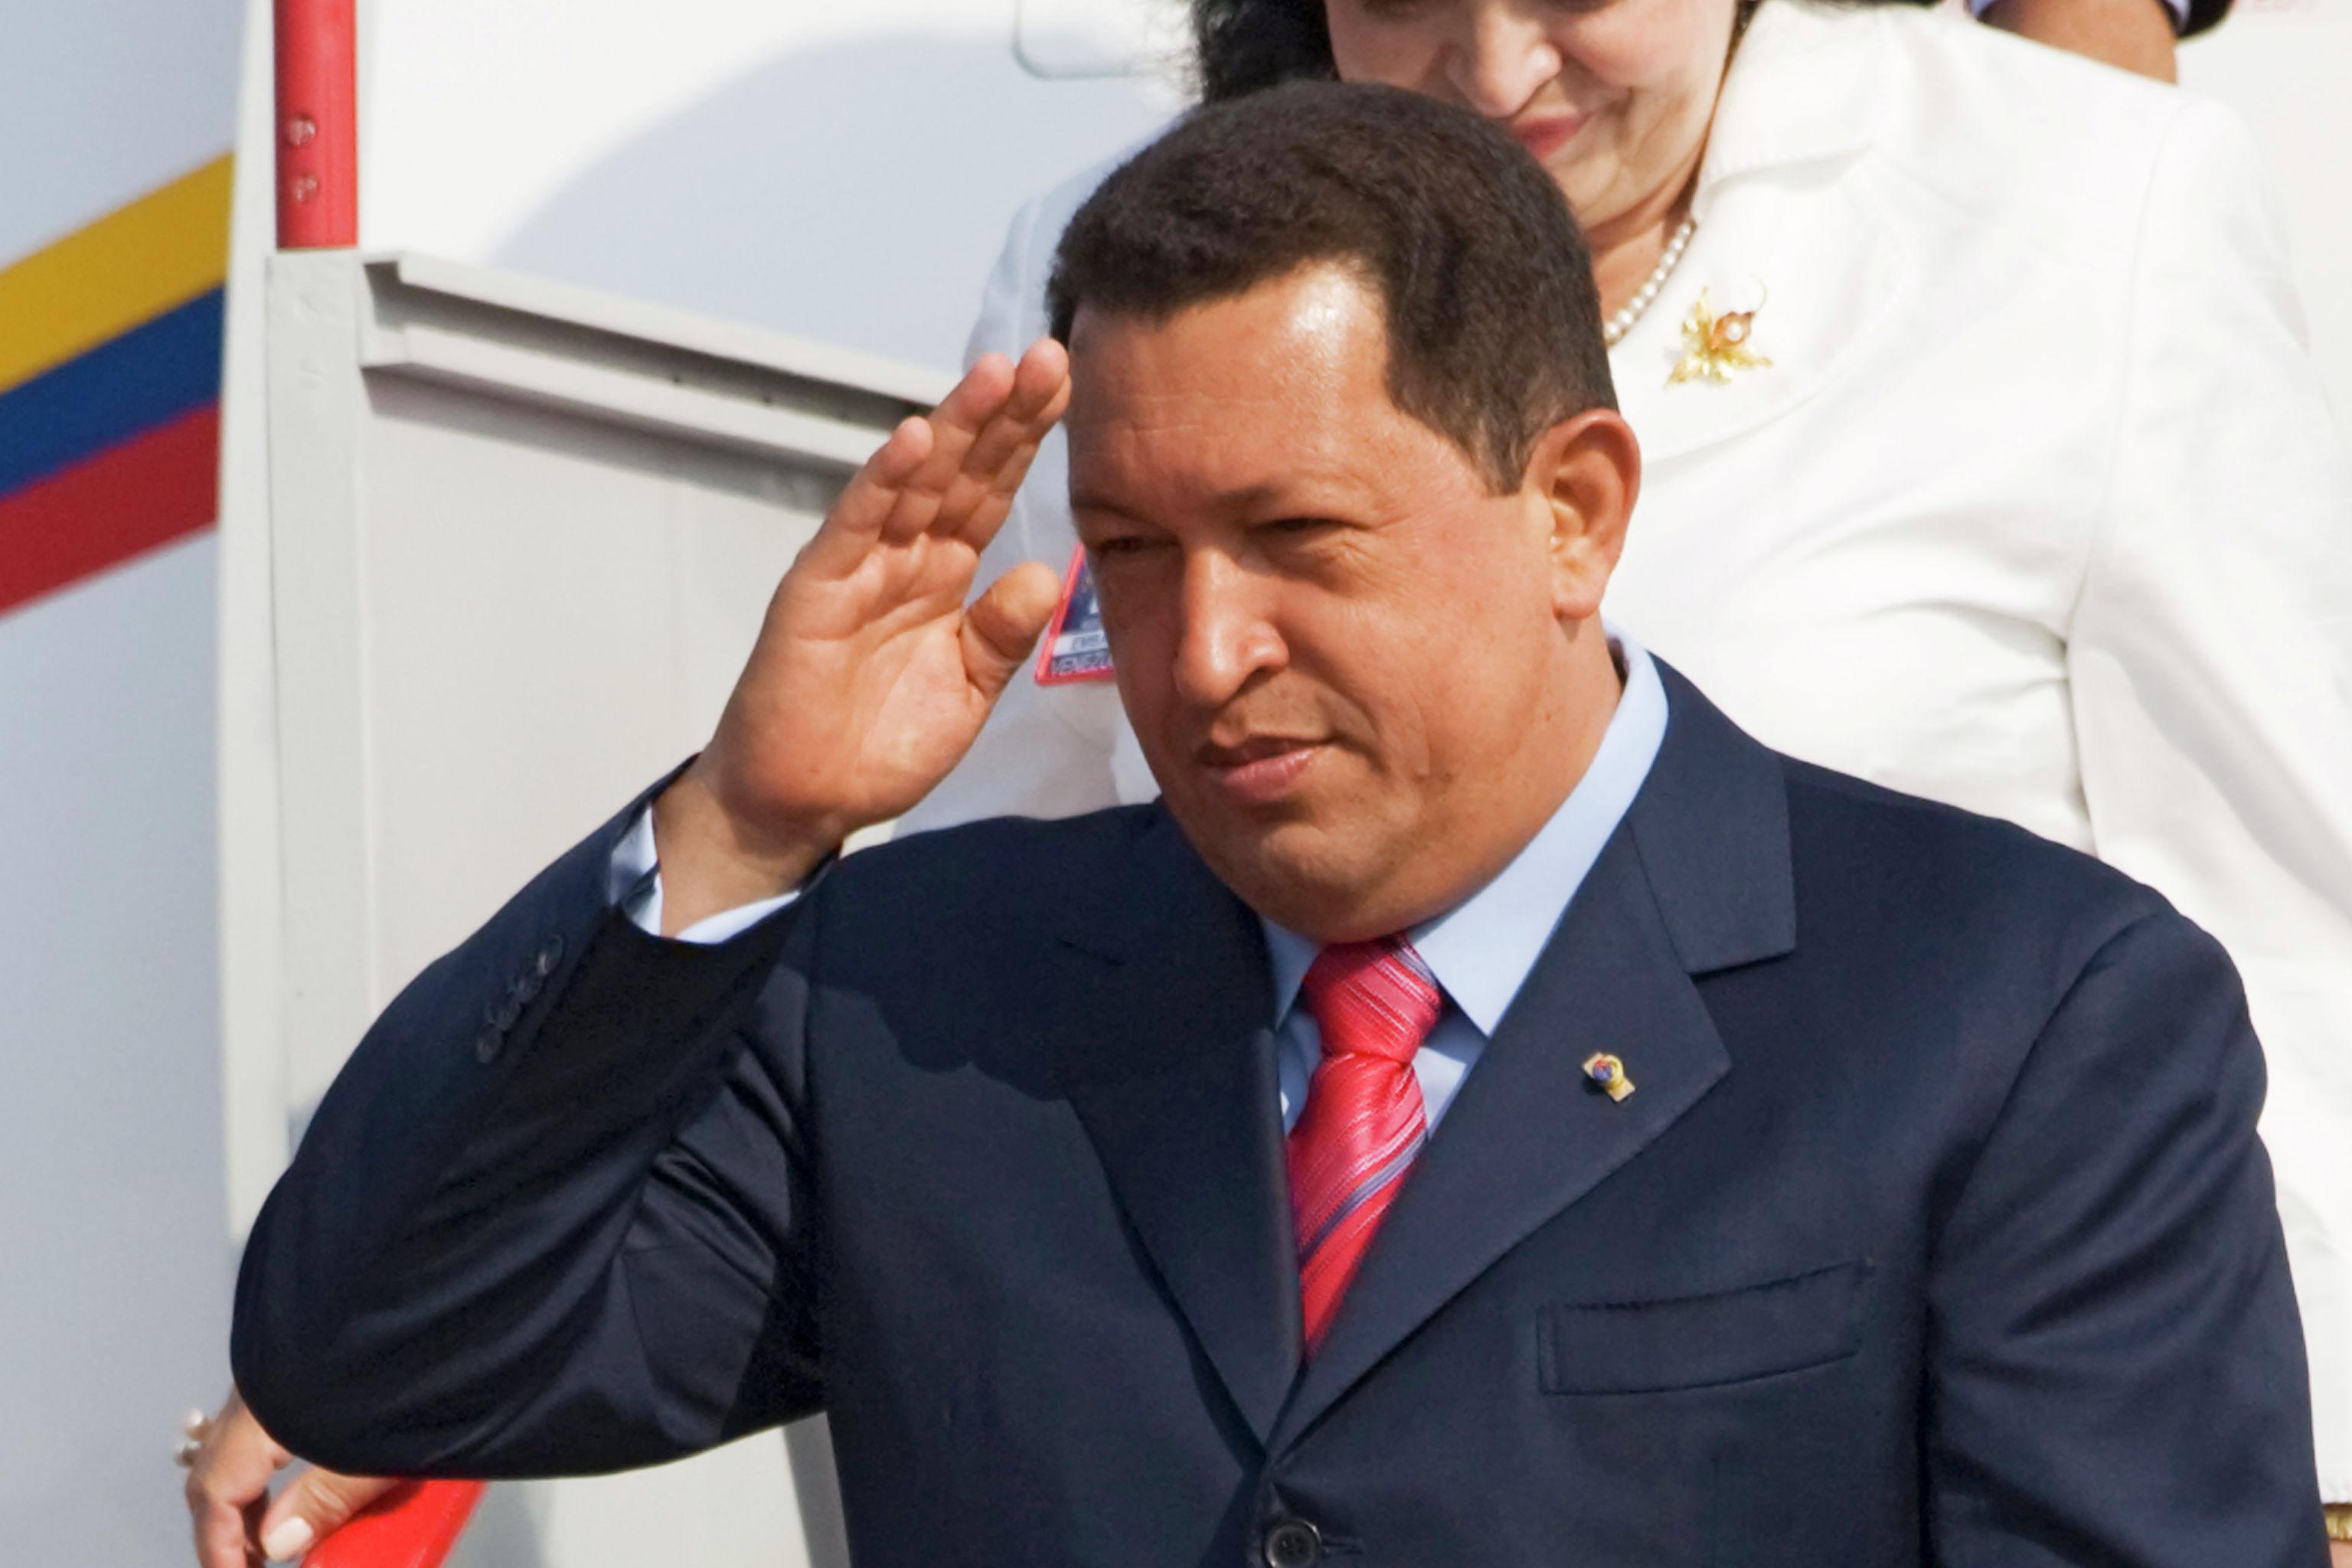 Бывший президент Венесуэлы Уго Чавес в московском аэропорту Внуково-2.